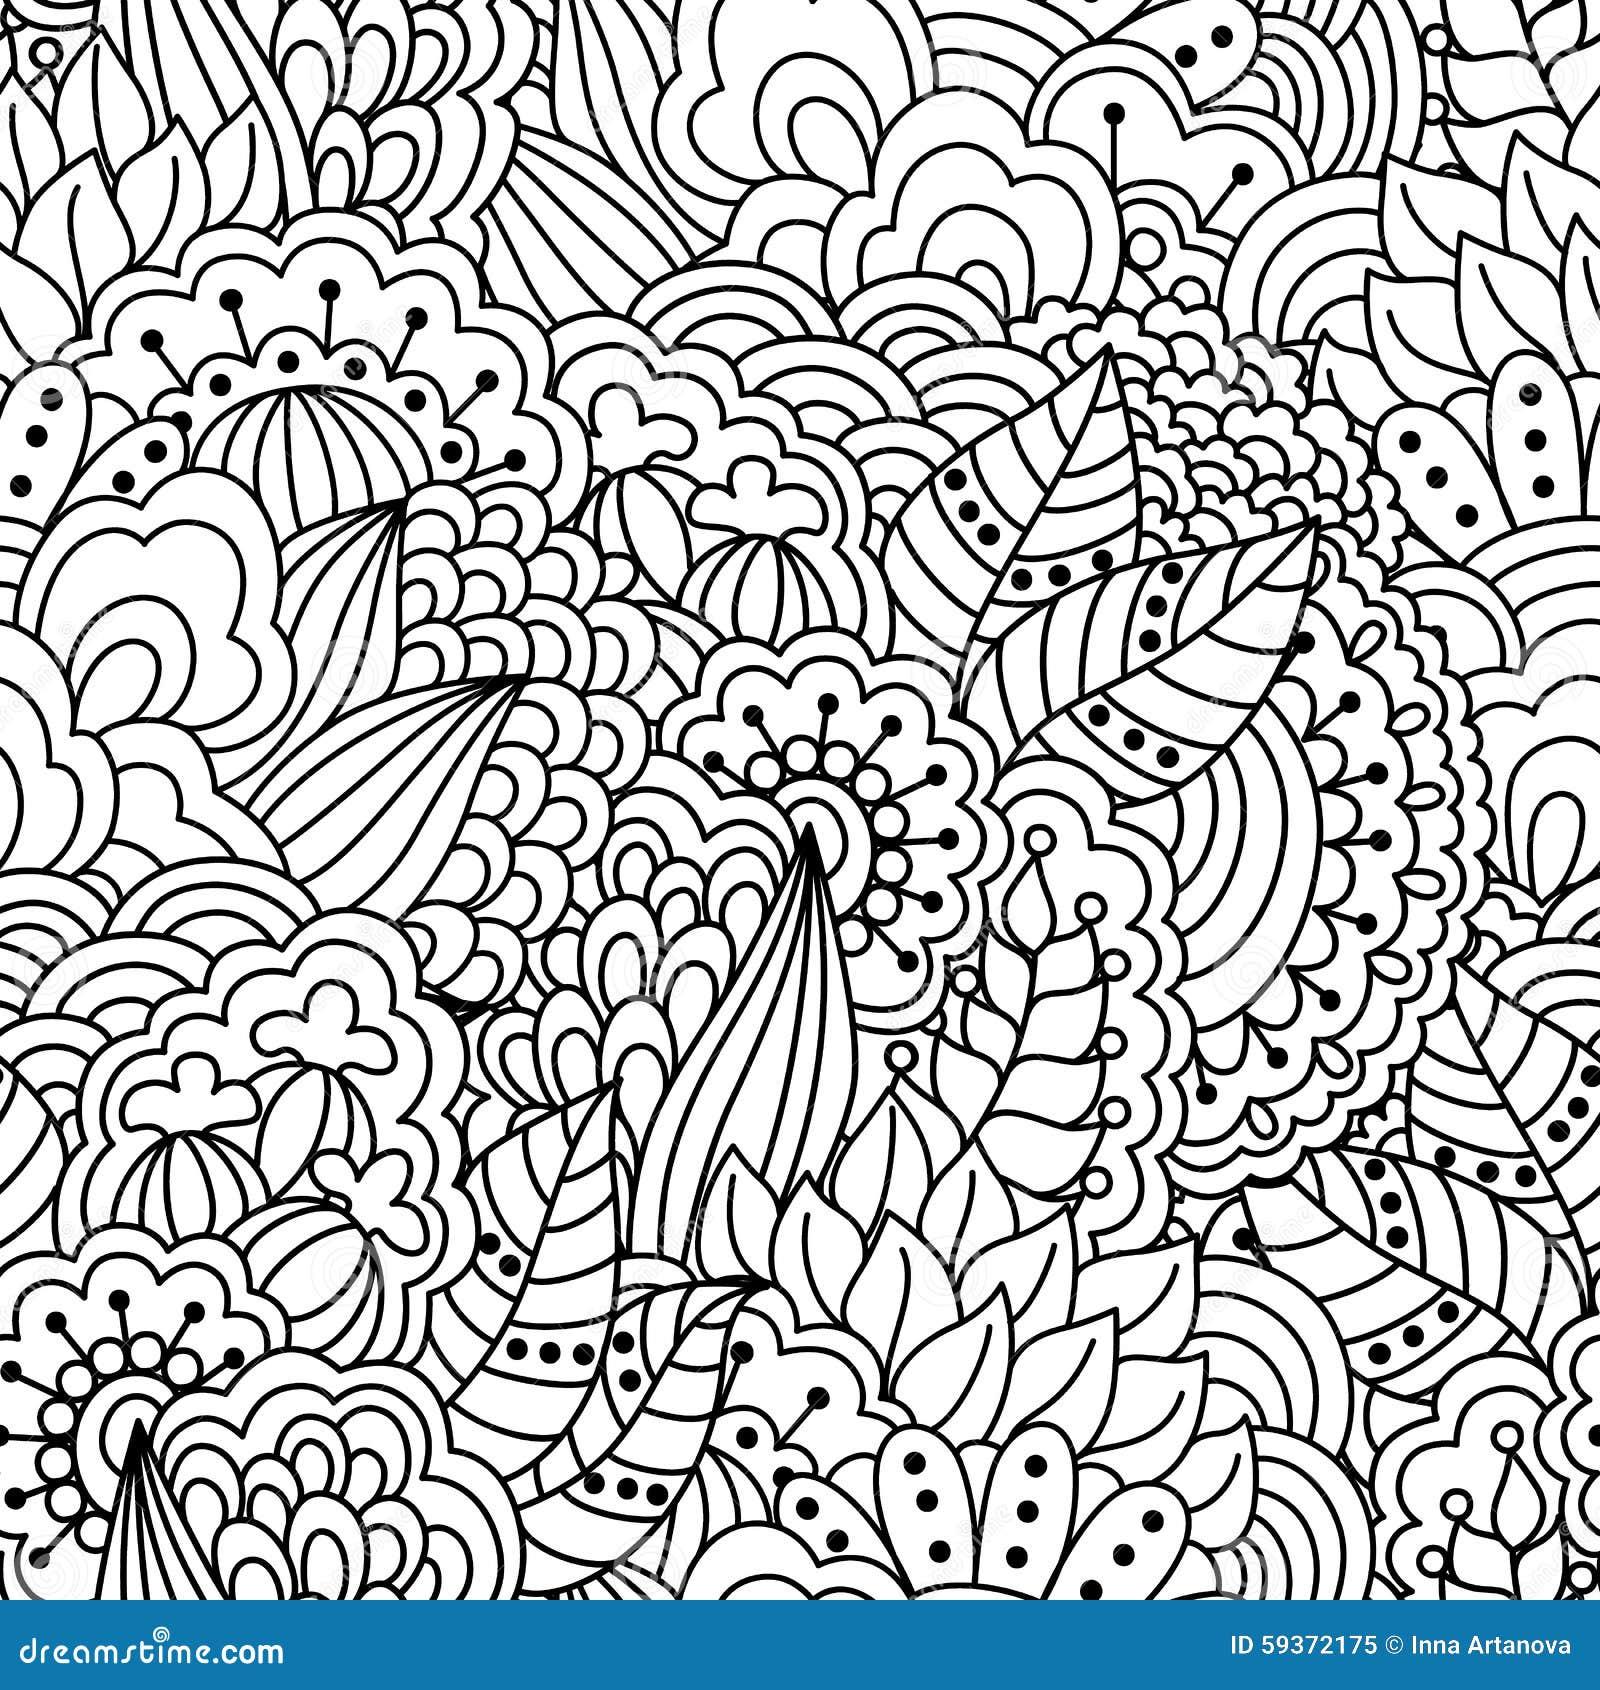 Seamless floral pattern for coloring book stock vector image 59372175 for Disegni calciatori da colorare per bambini